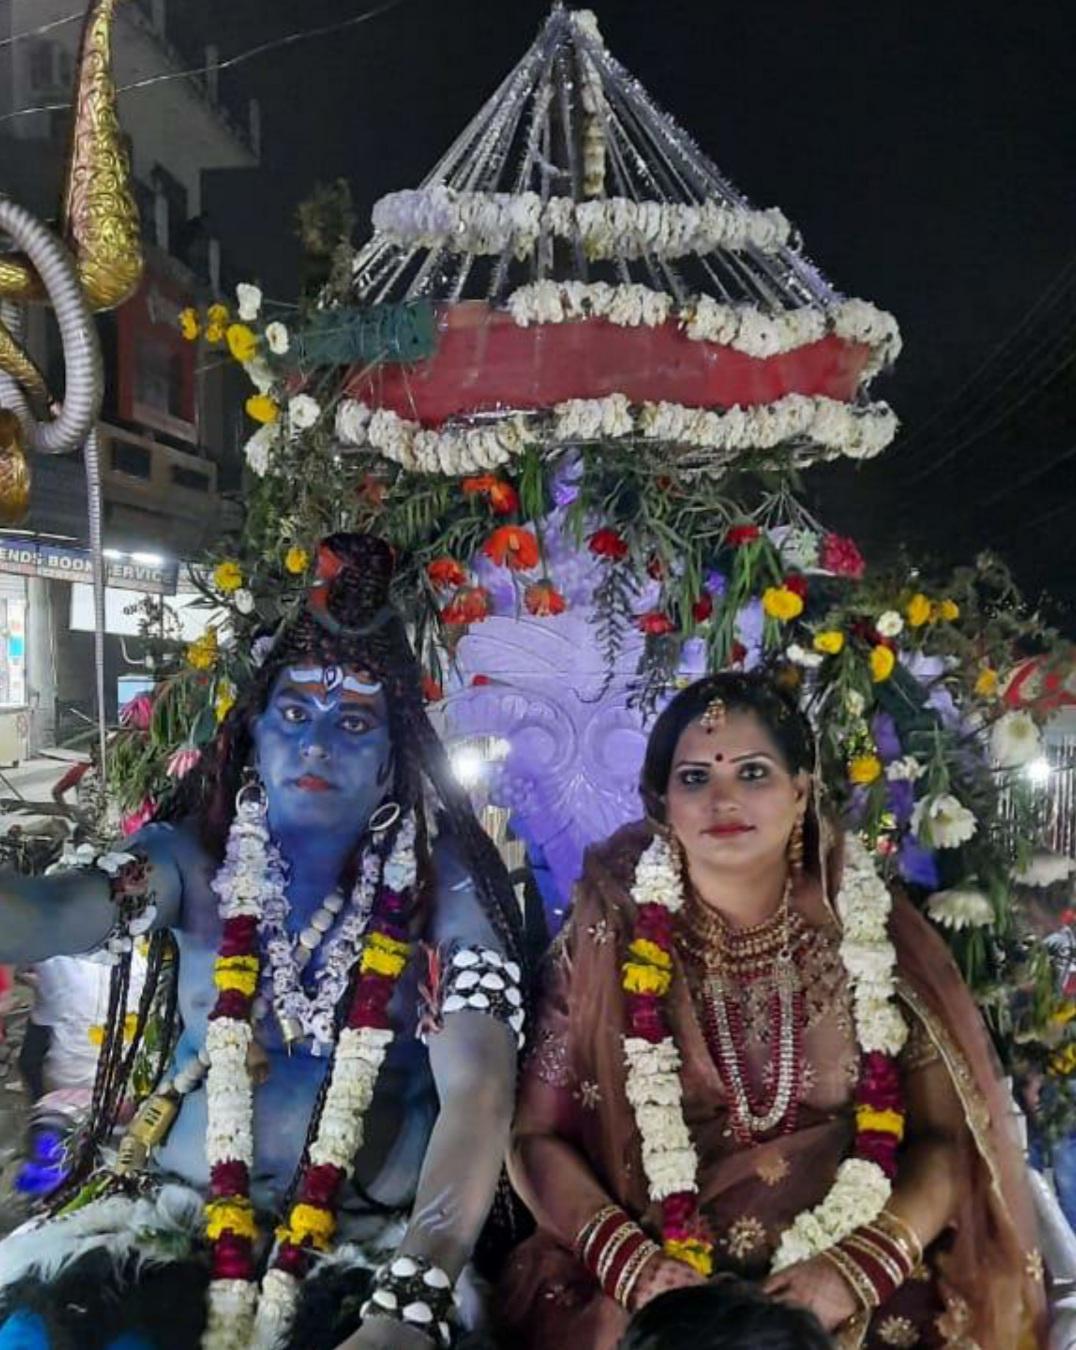 वैष्णोदेवी मंदिर से निकाली  भव्य शोभा यात्रा प्रधान जगदीश भाटिया ने किया अतिथियों का स्वागत